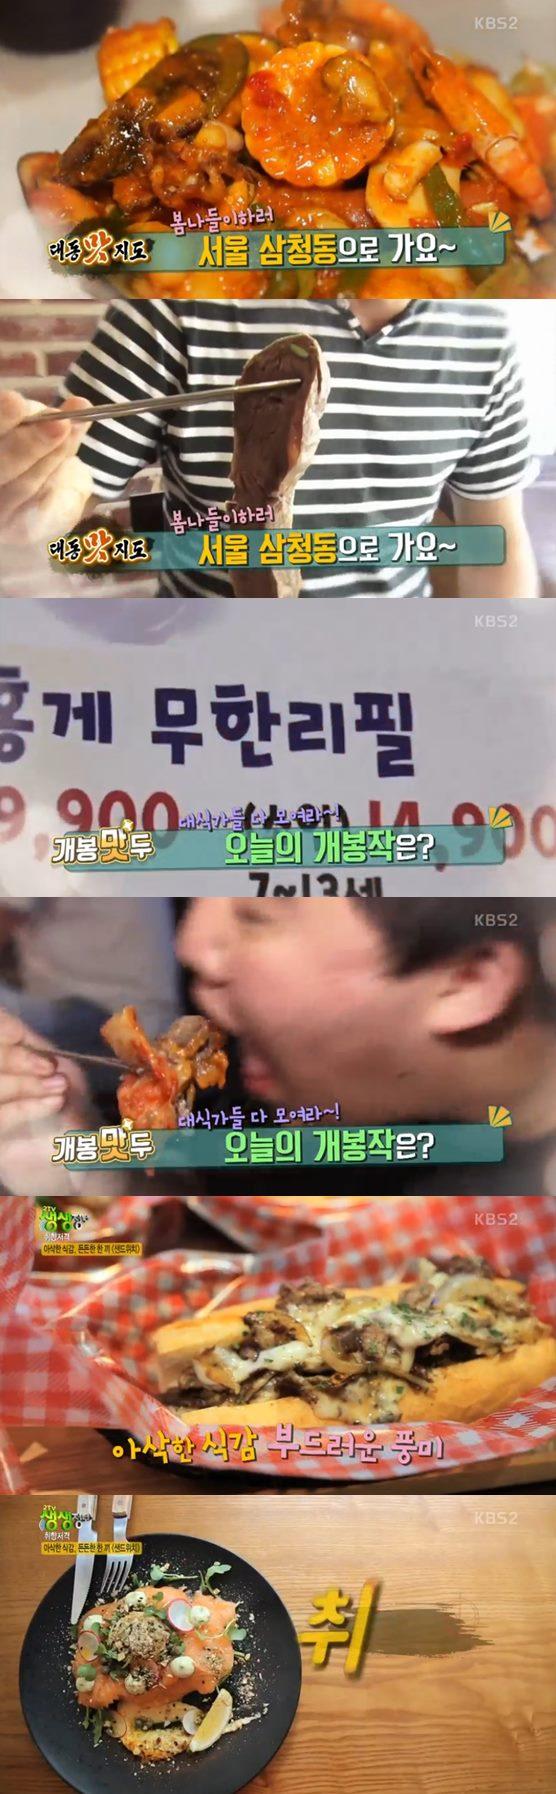 '2TV 생생정보' 소고기 홍게 무한리필+삼청동 맛집+오픈·쿠바·한국식 반미 샌드위치 맛집